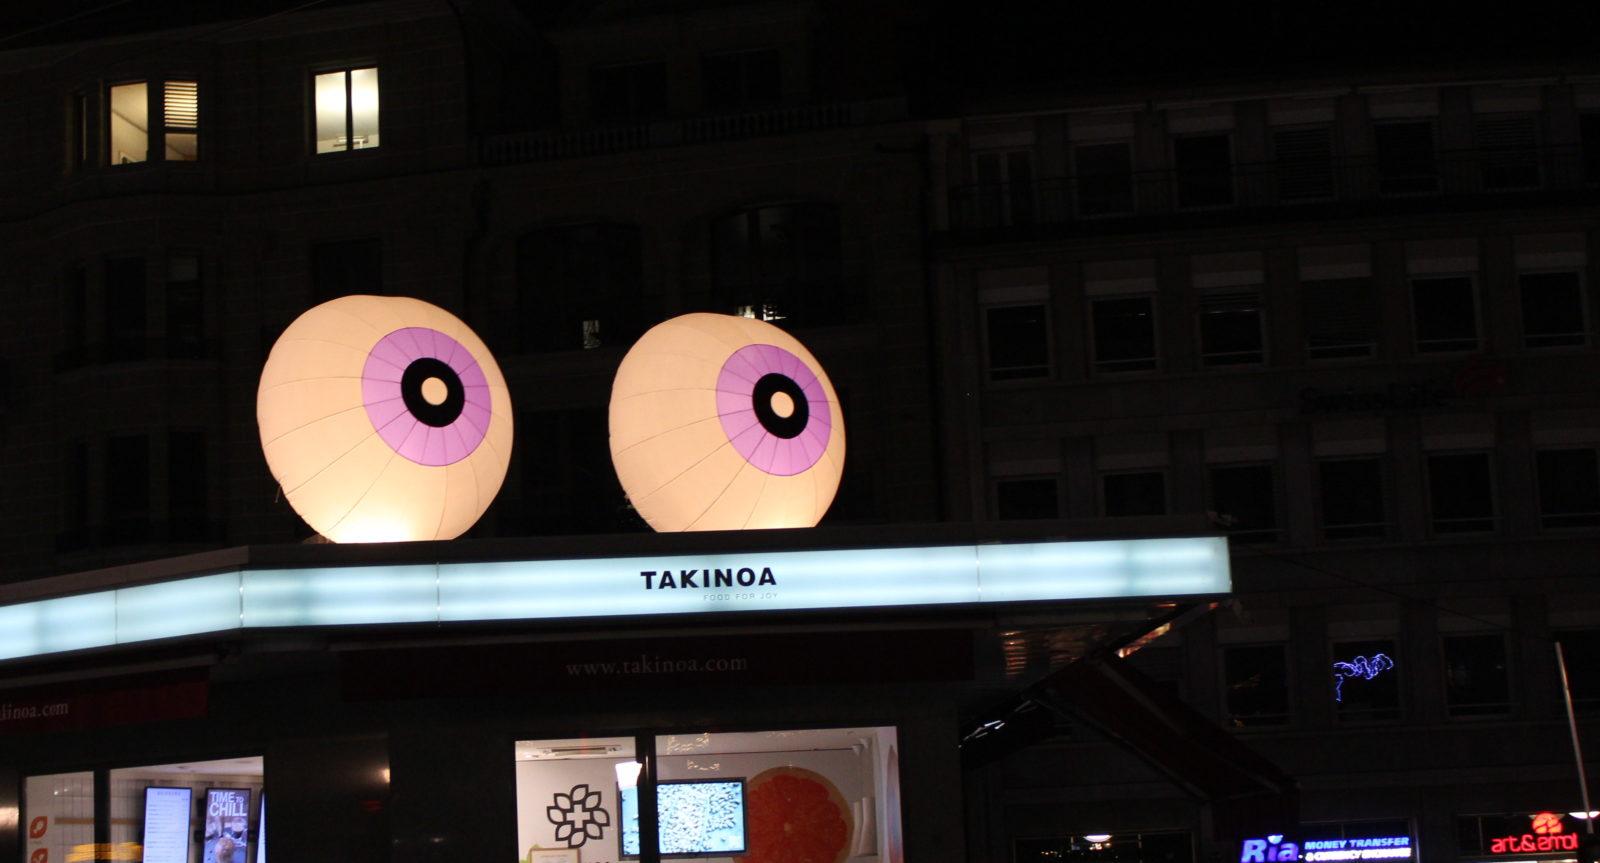 Les yeux lausanne Lumières